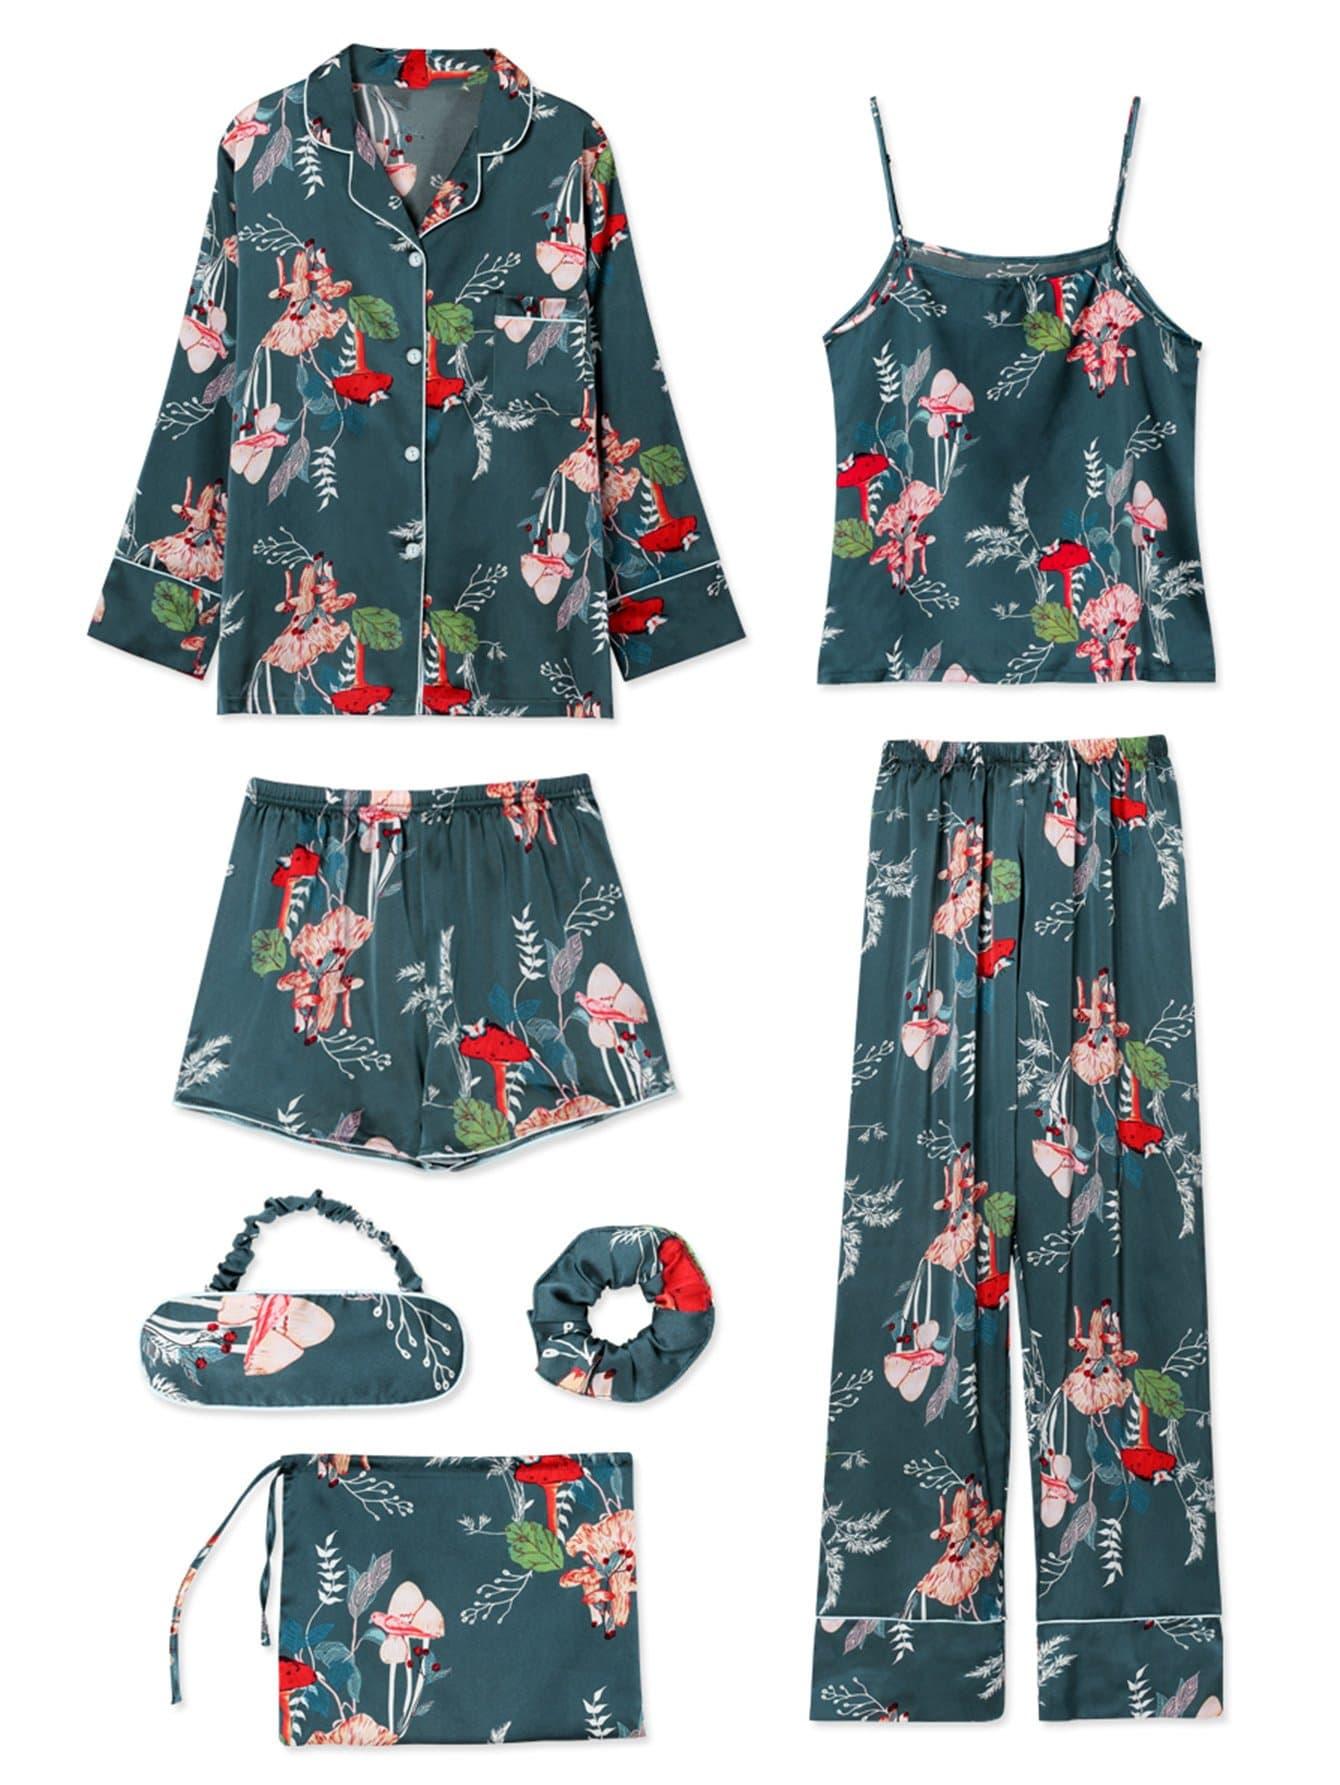 7Pcs Floral Print Cami Pajama Set With Shirt